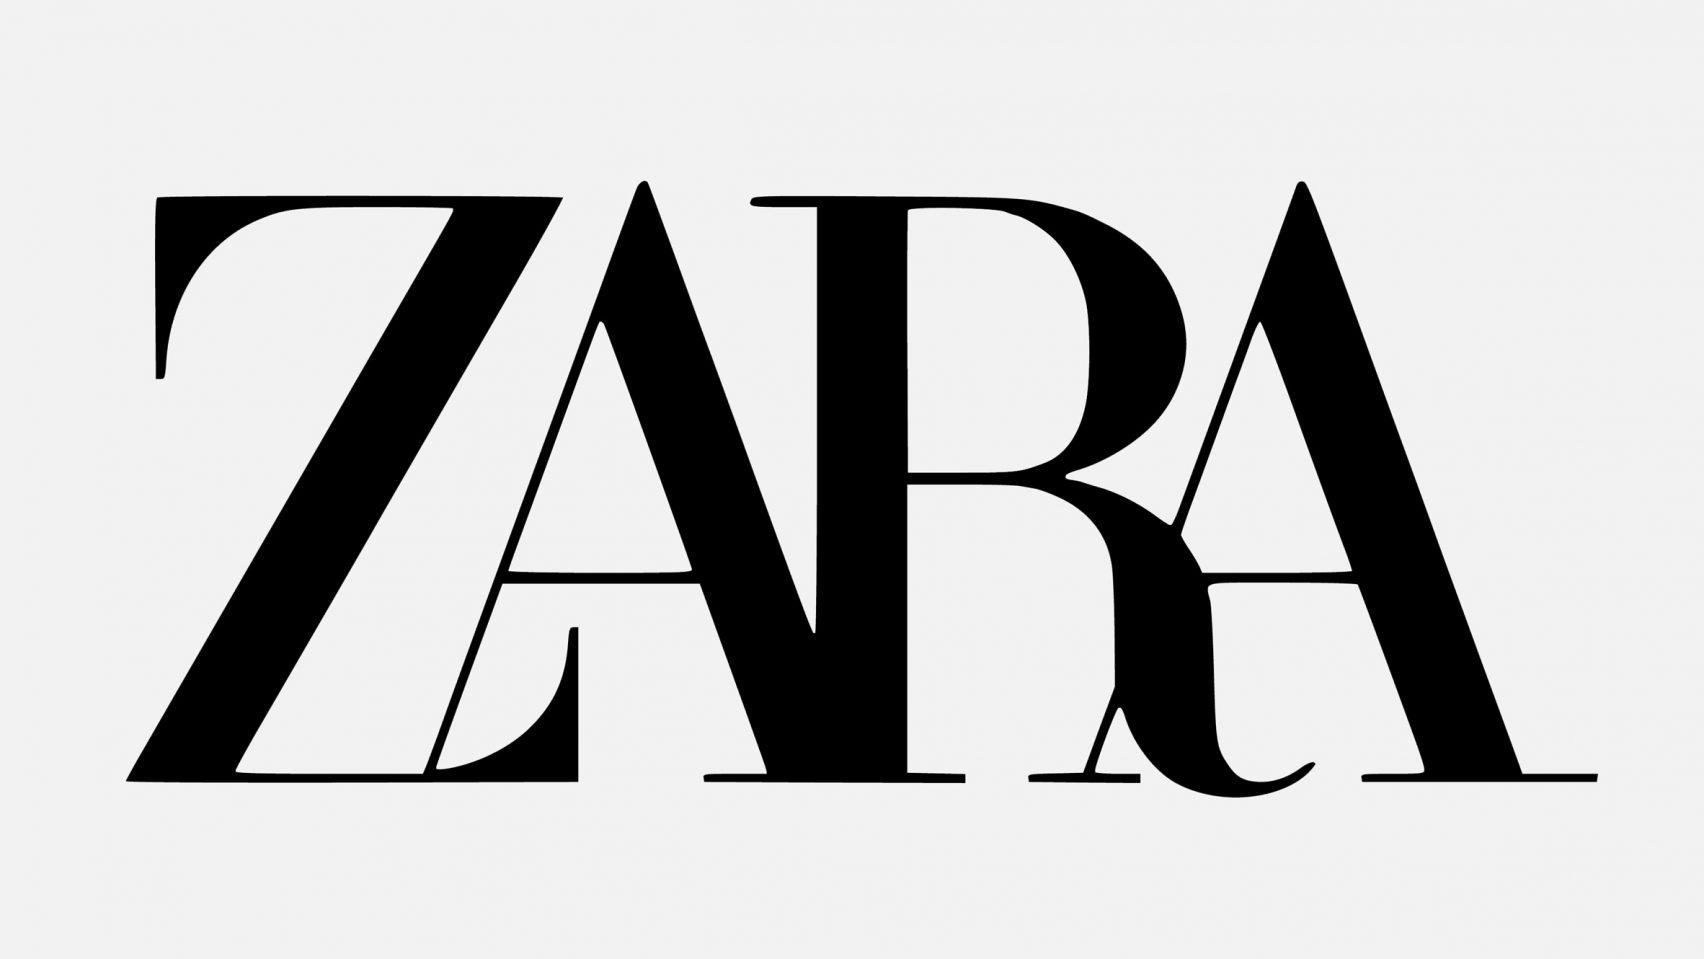 new-zara-logo-hero-1-1704x959.jpg